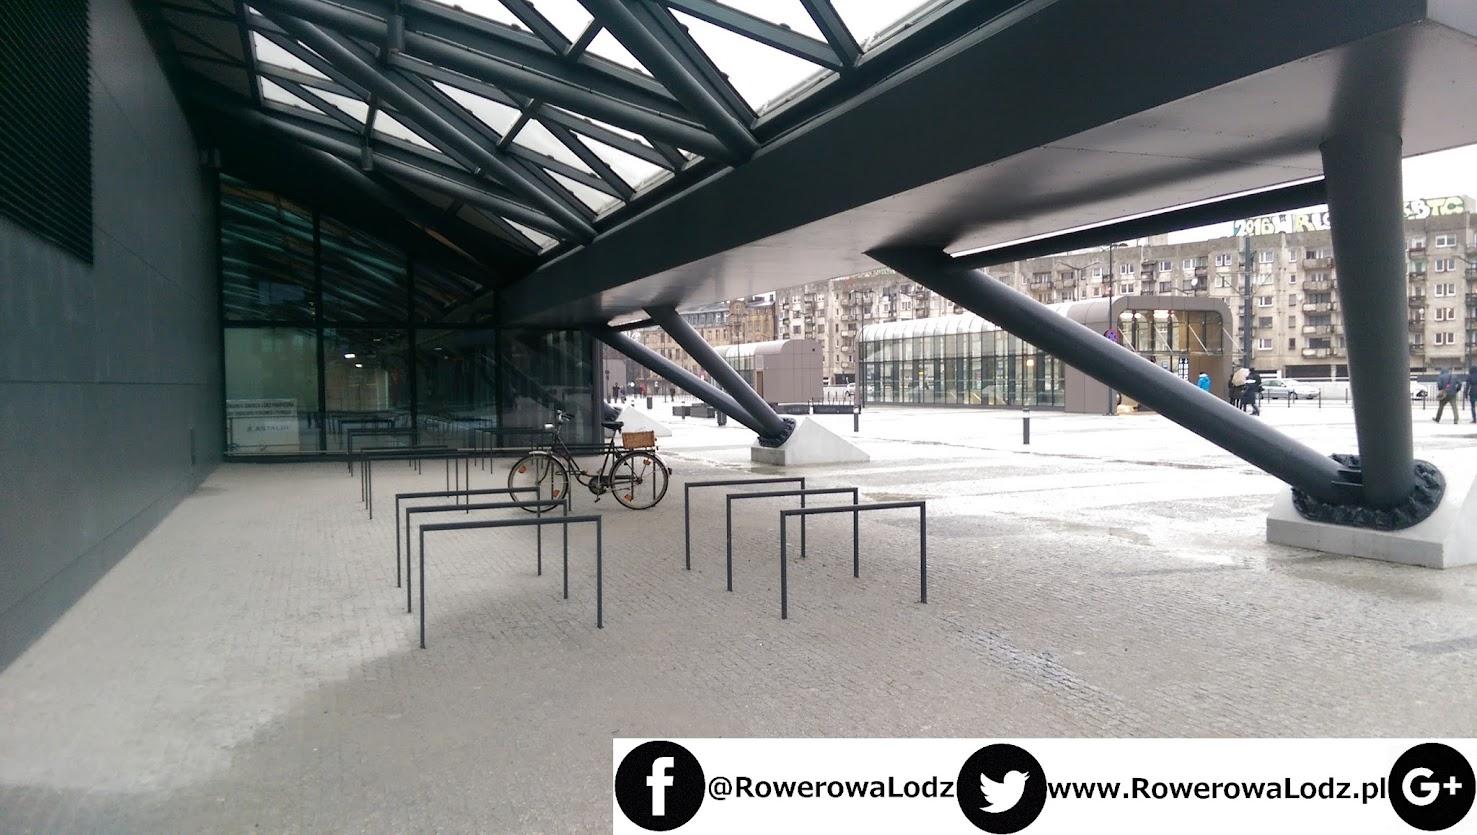 Wszystkie parkingi dla rowerów znajdują się od strony północnej (bliżej ulic POW i Knychalskiego)